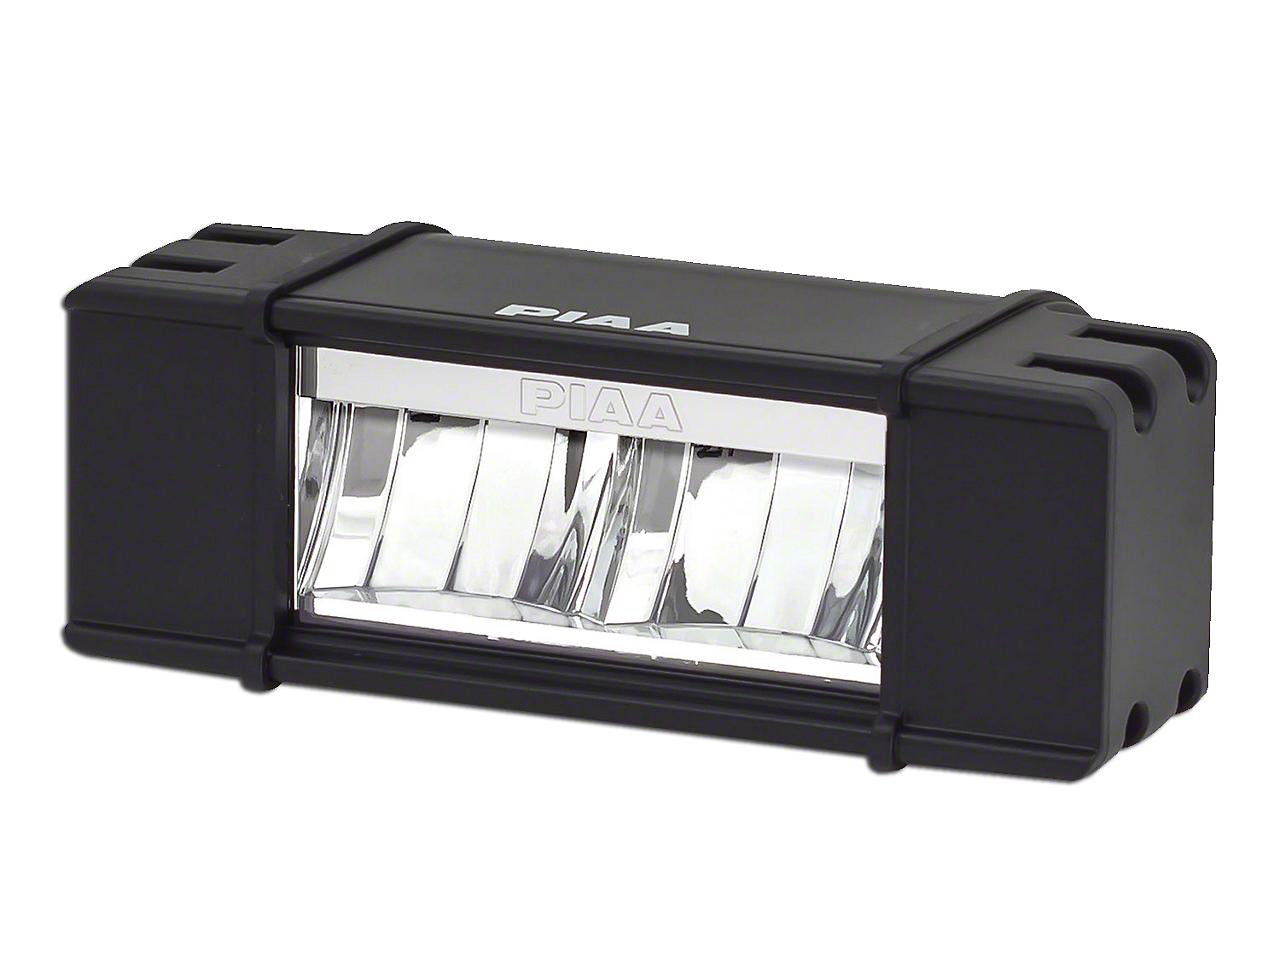 PIAA 6 in. RF Series LED Light Bar - Driving Beam (87-18 Wrangler YJ, TJ & JK)